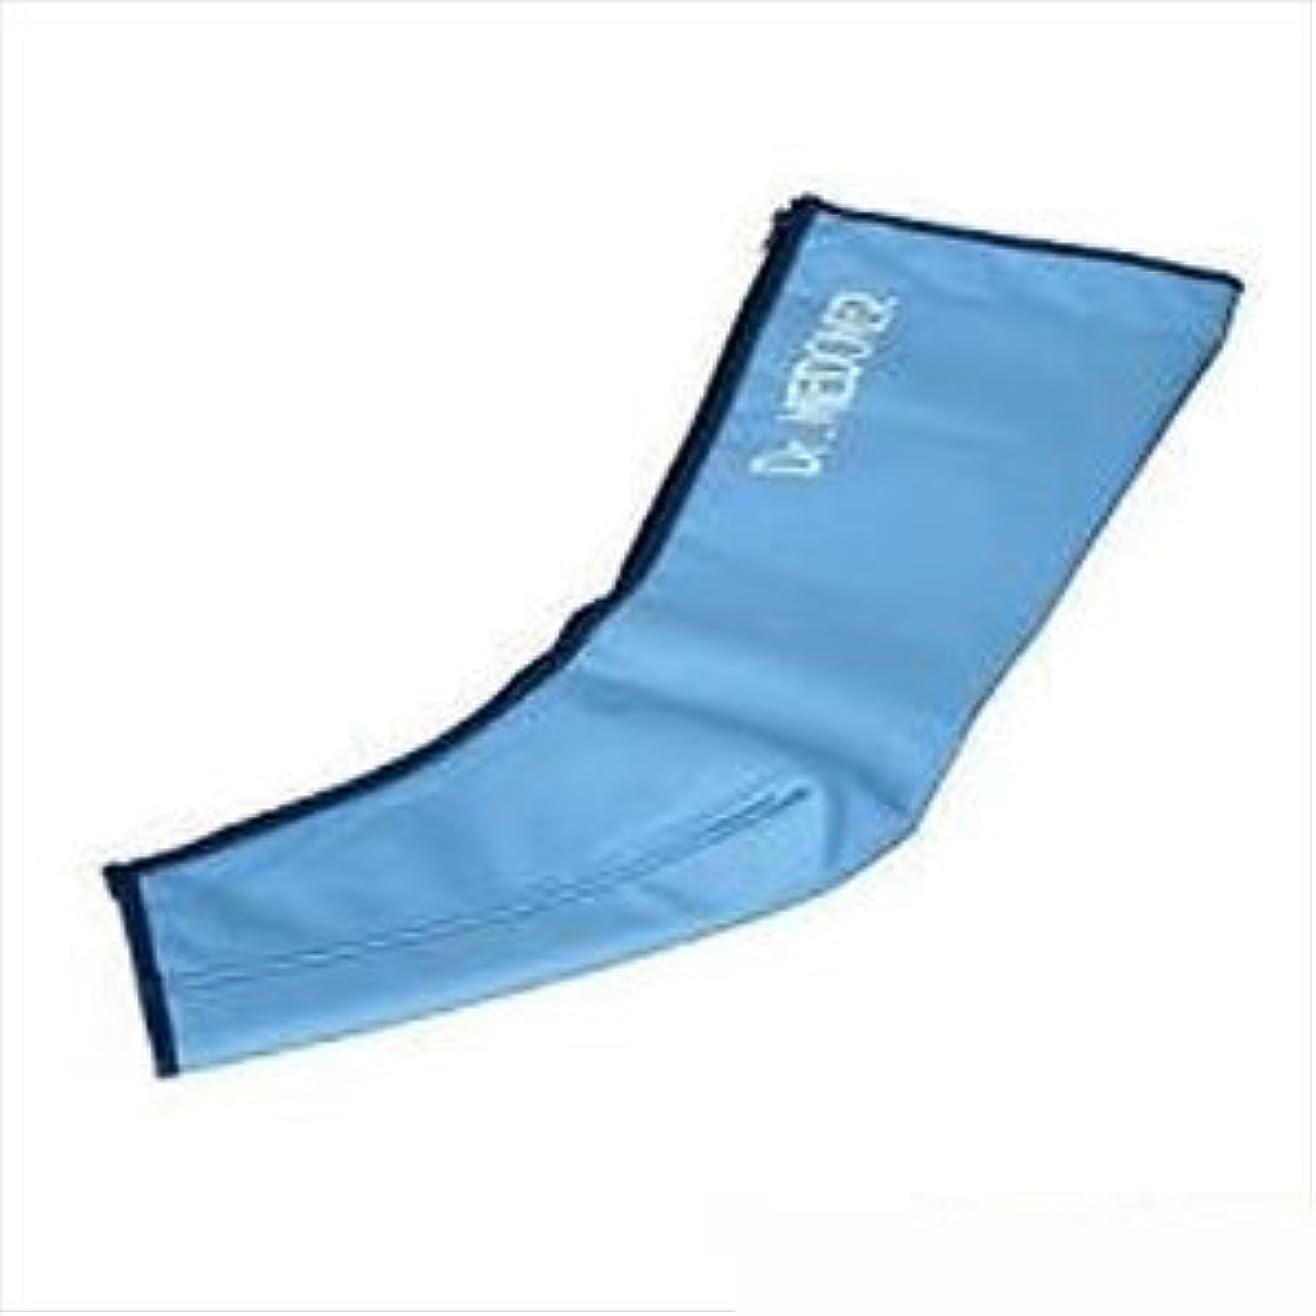 乳剤マラウイパンフレットドクターメドマー ショートブーツ脚用カフ(膝下丈) 片脚 SB-6000 - DM-5000EX/DM-6000共通